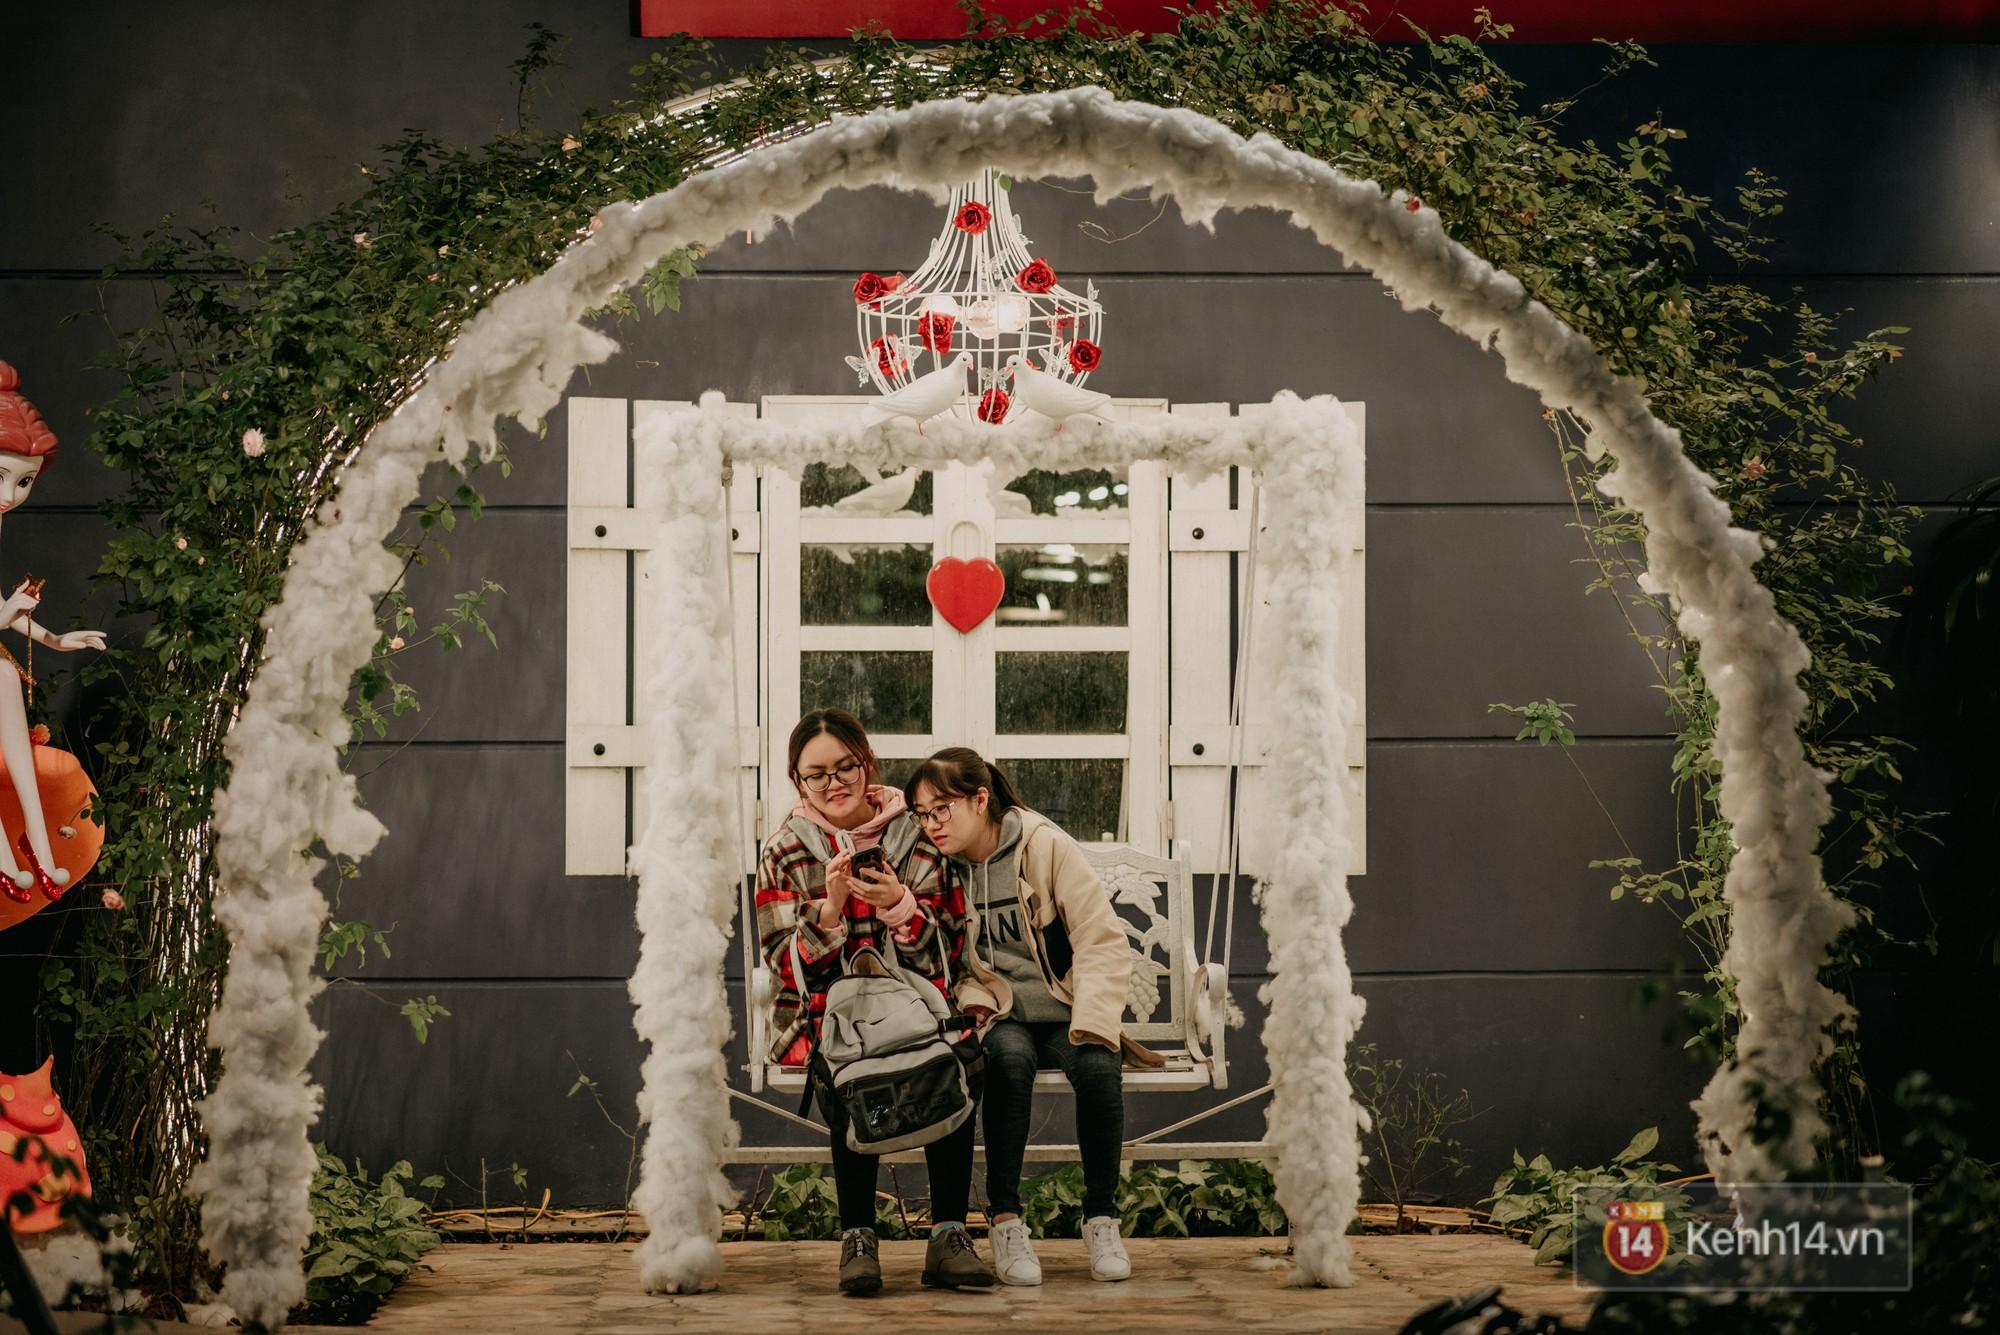 Trường ĐH con nhà giàu này đang là trường trang trí Noel đẹp nhất nước, có máy phun tuyết nhân tạo, tha hồ sống ảo - Ảnh 19.